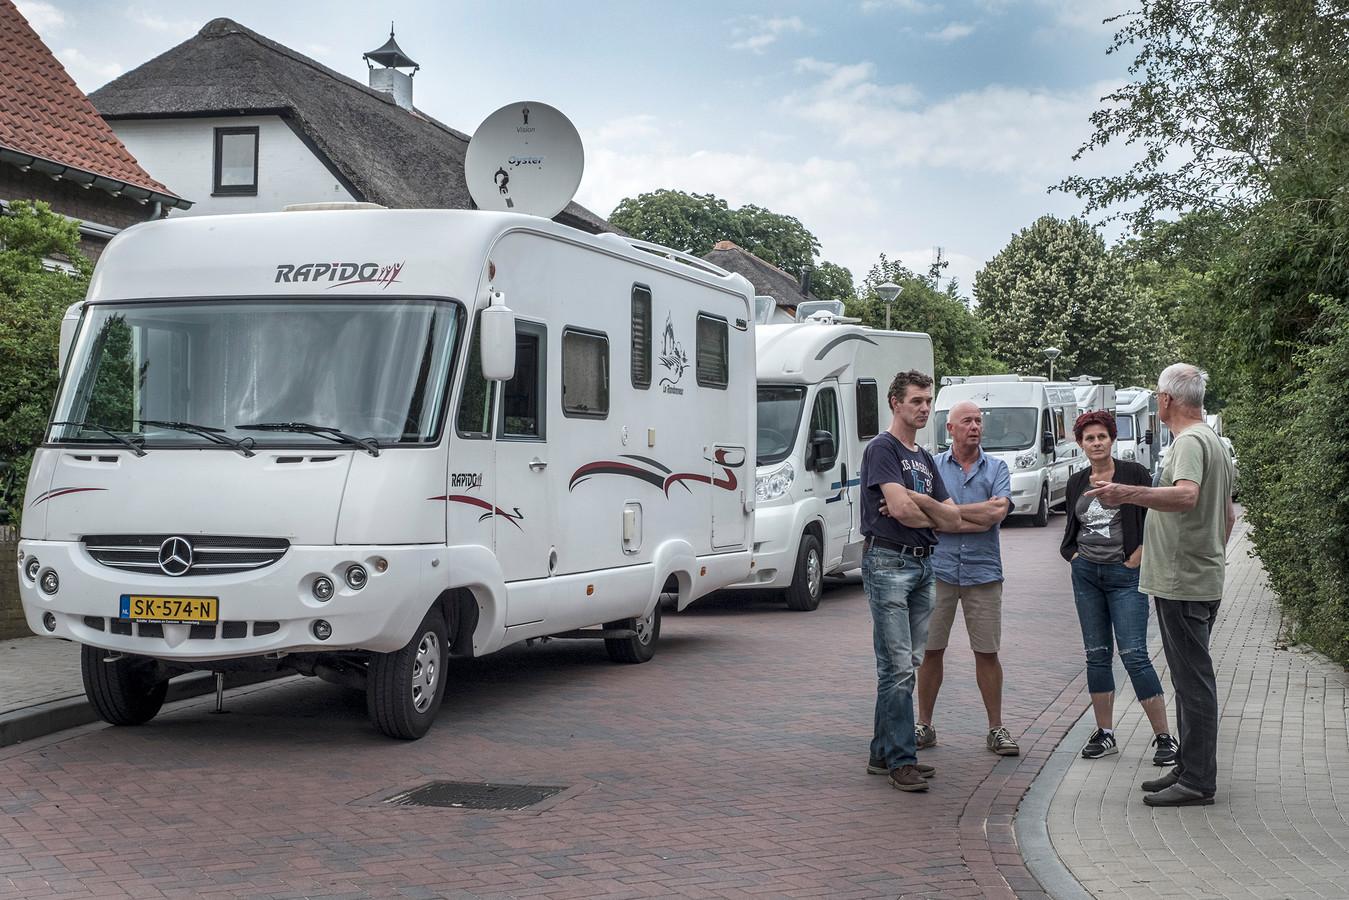 Nu er niet meer geparkeerd mag worden op de Clarenbeekseweg richting zevenheuvelenweg zetten de eigenaren  hun camper maar op de Zevenheuvelenweg in Berg en Dal.